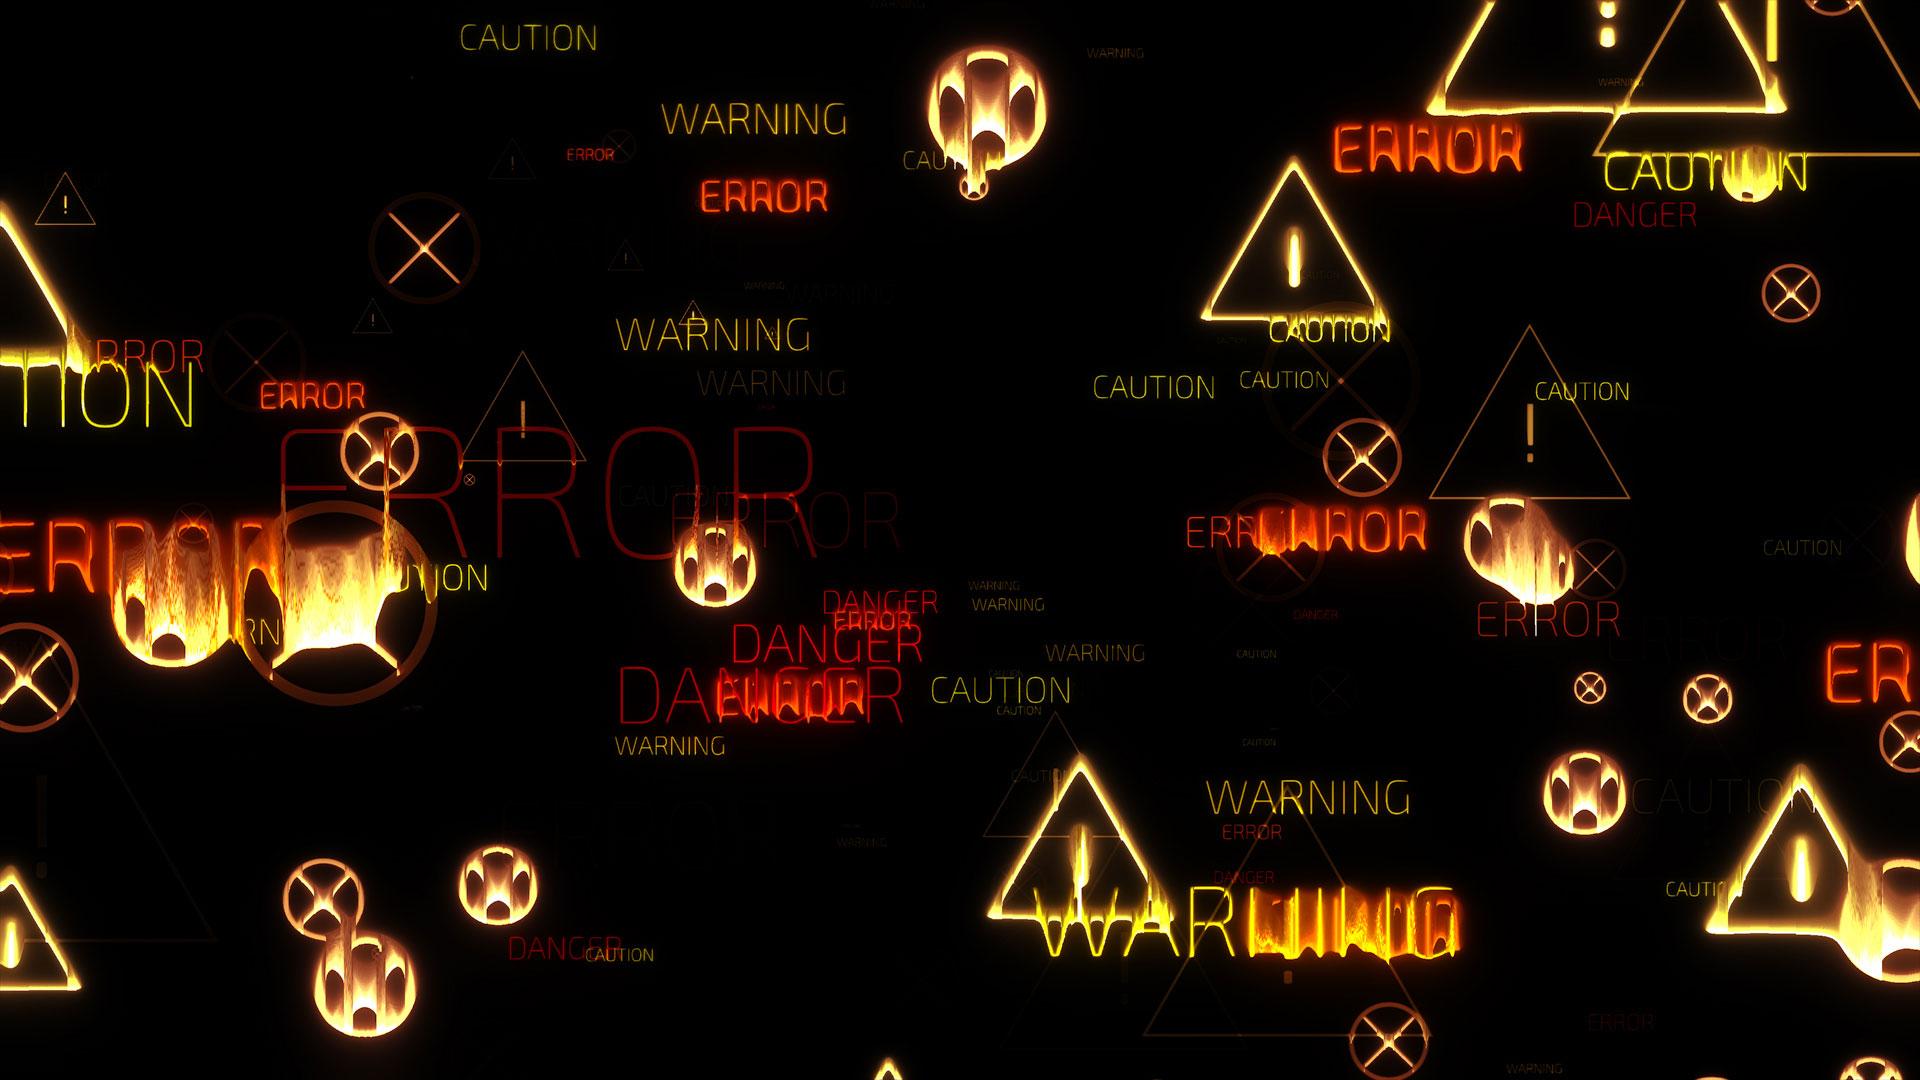 KZ_Cyberspace_08_Still002